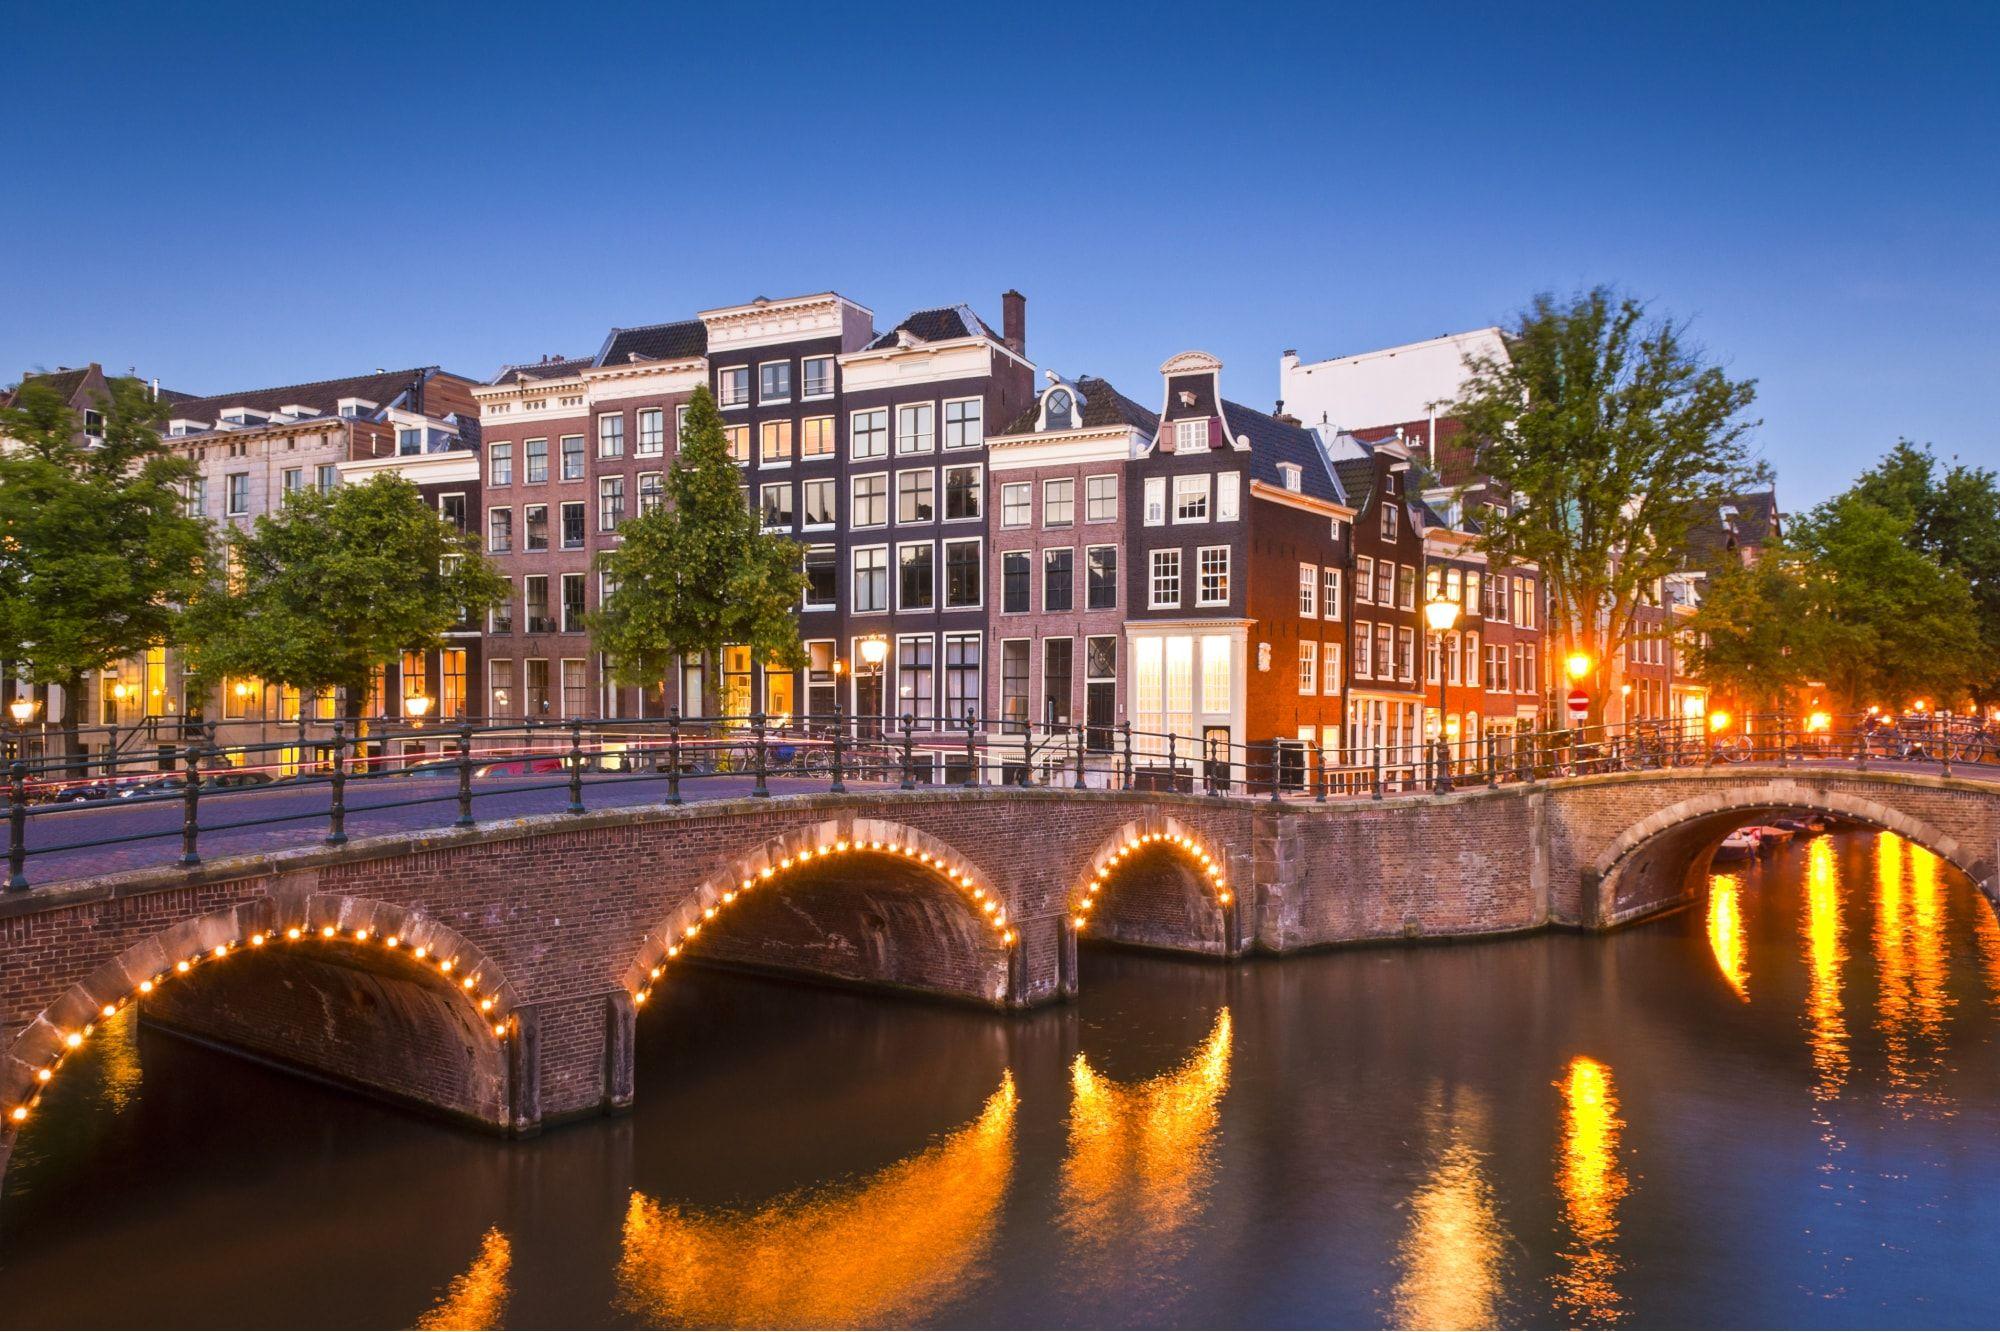 Goedkoop overnachten in Amsterdam: de 6 beste opties!